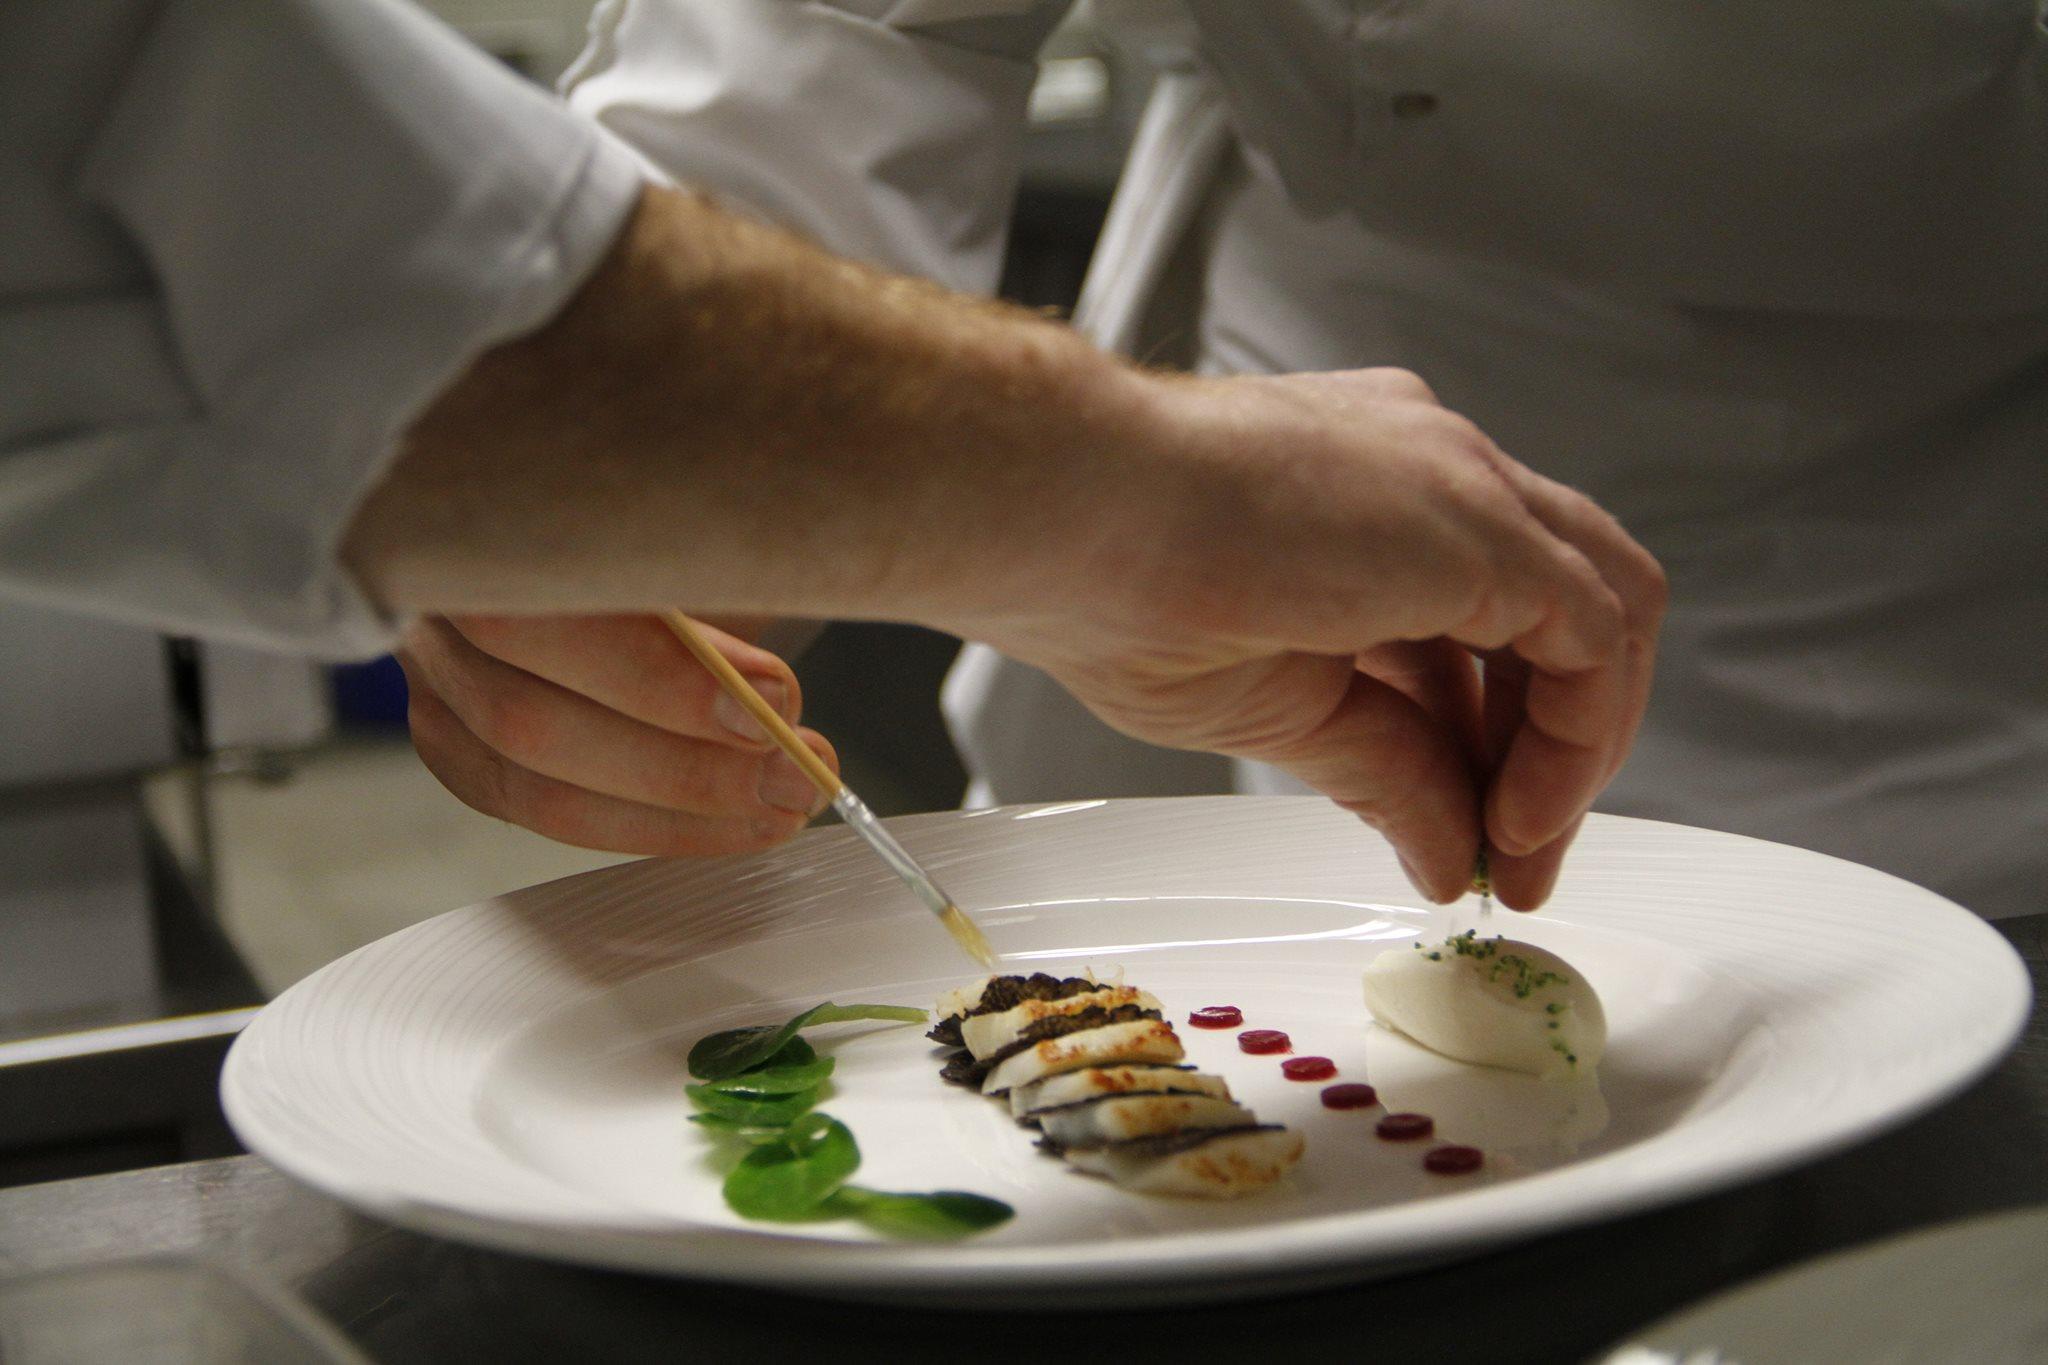 H tel royal recrute commis de cuisine d tails de l for Offre d emploi chef de cuisine